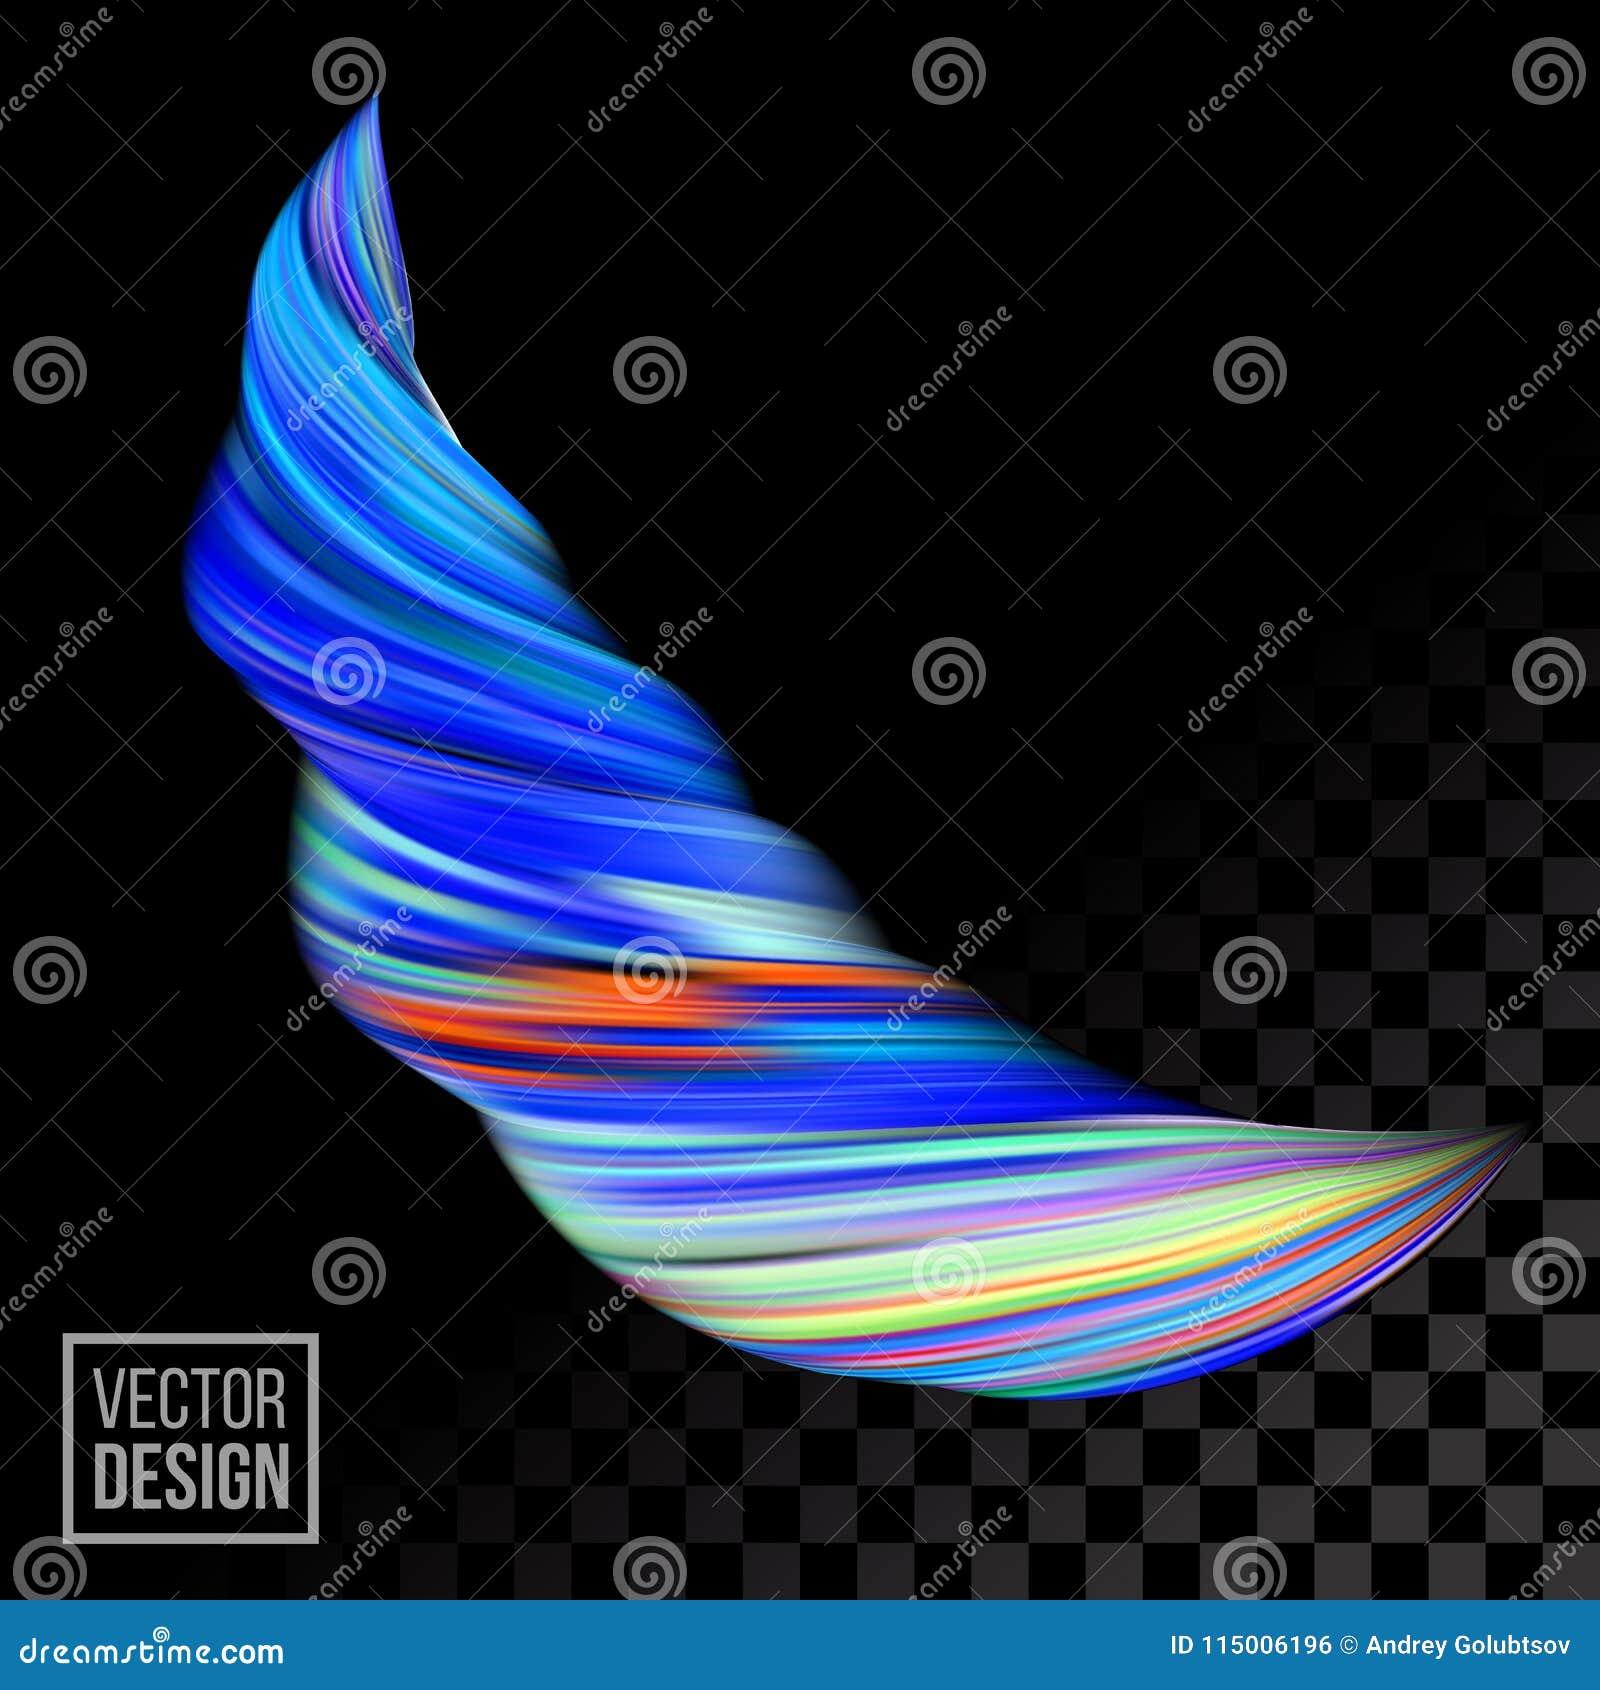 paint 3d transparent background image